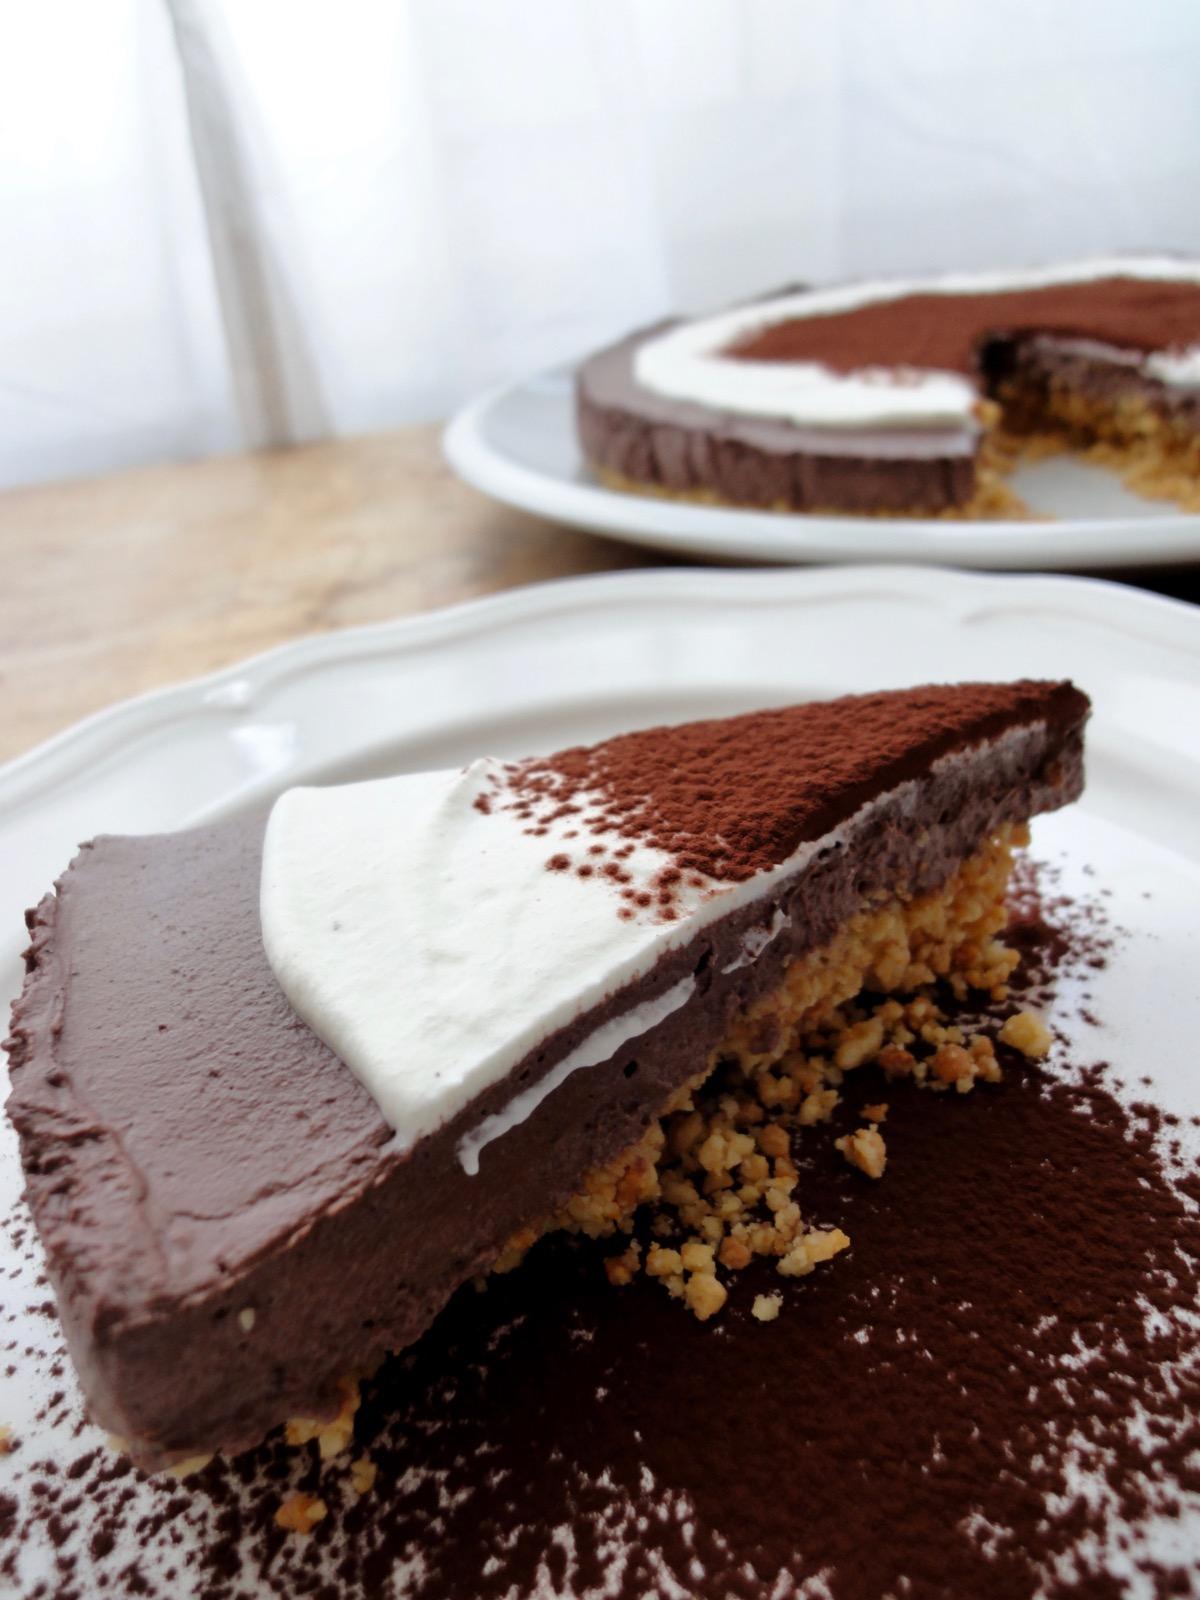 Keto Chocolate Cheesecake Slice Makan With Cherry